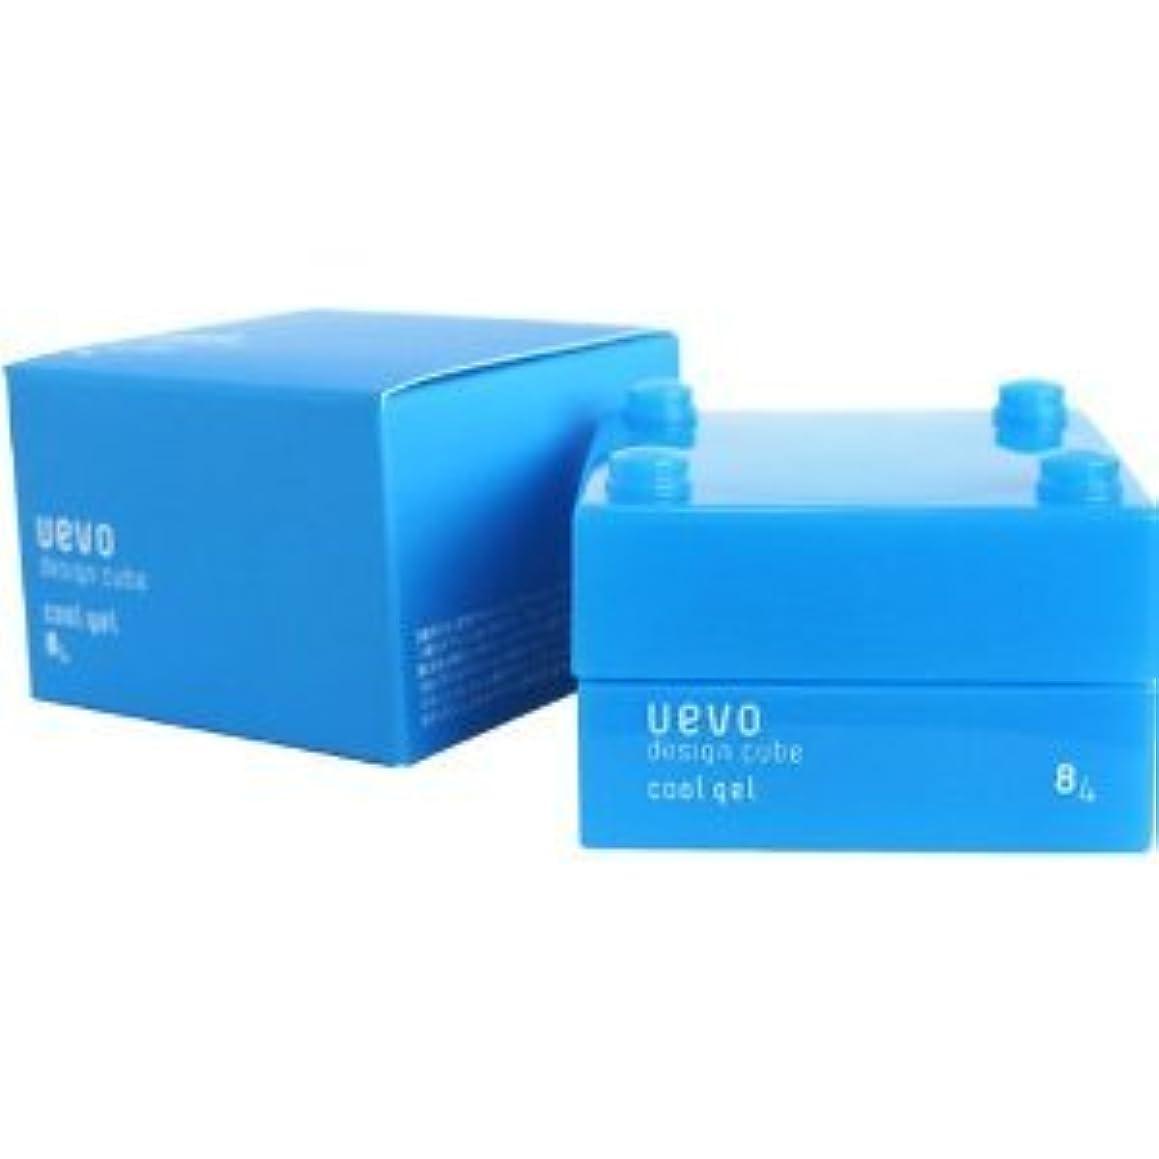 ミュージカル箱テレマコス【X2個セット】 デミ ウェーボ デザインキューブ クールジェル 30g cool gel DEMI uevo design cube